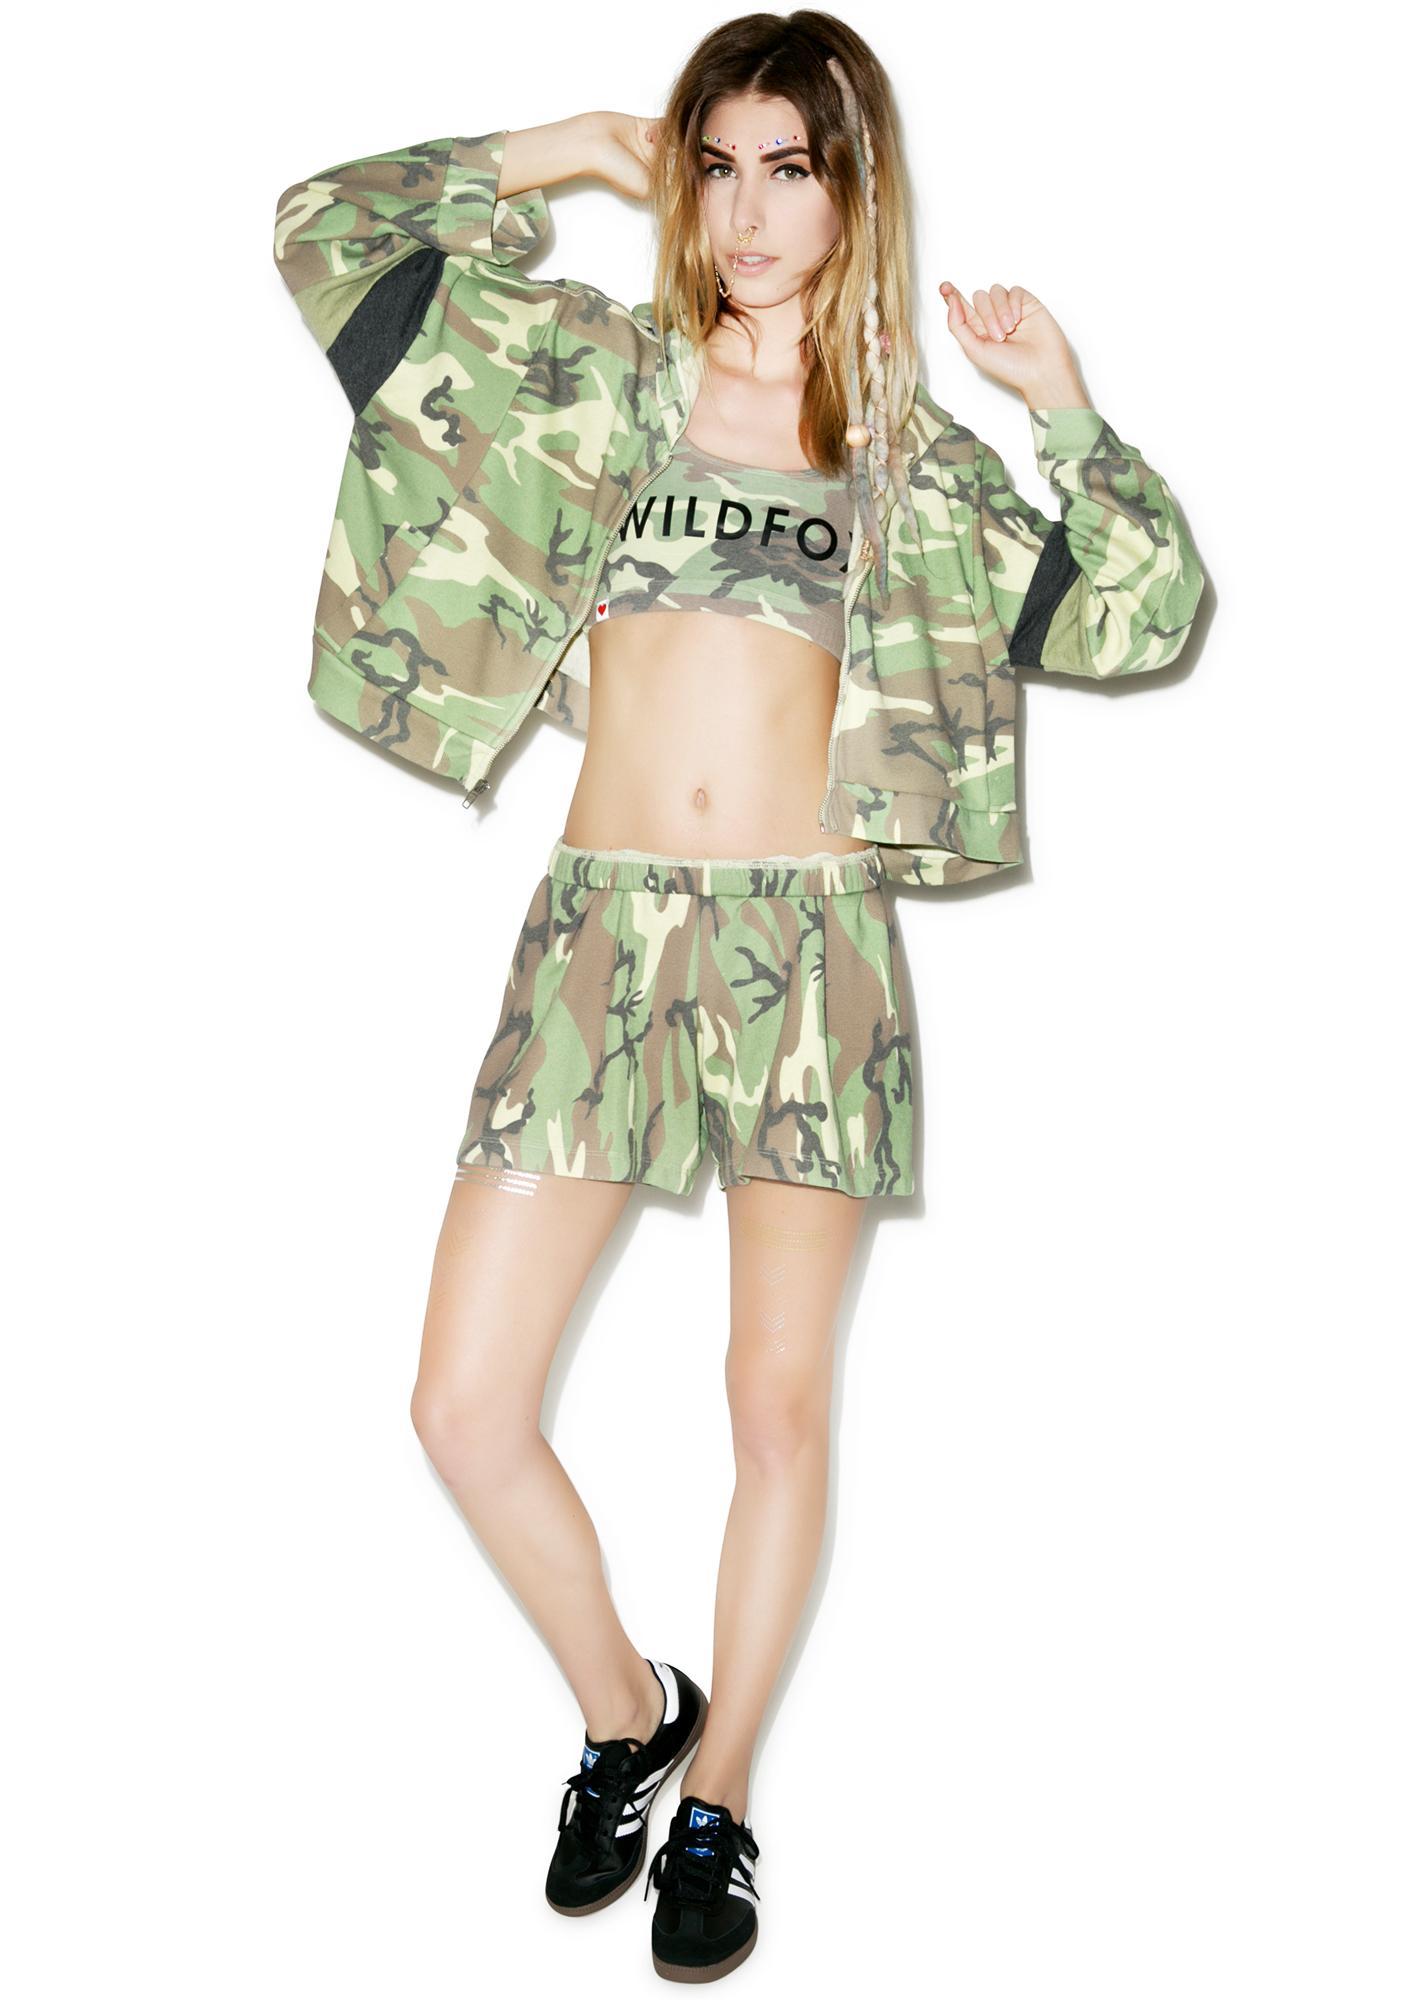 Wildfox Couture Classic Camo P.E. Shorts